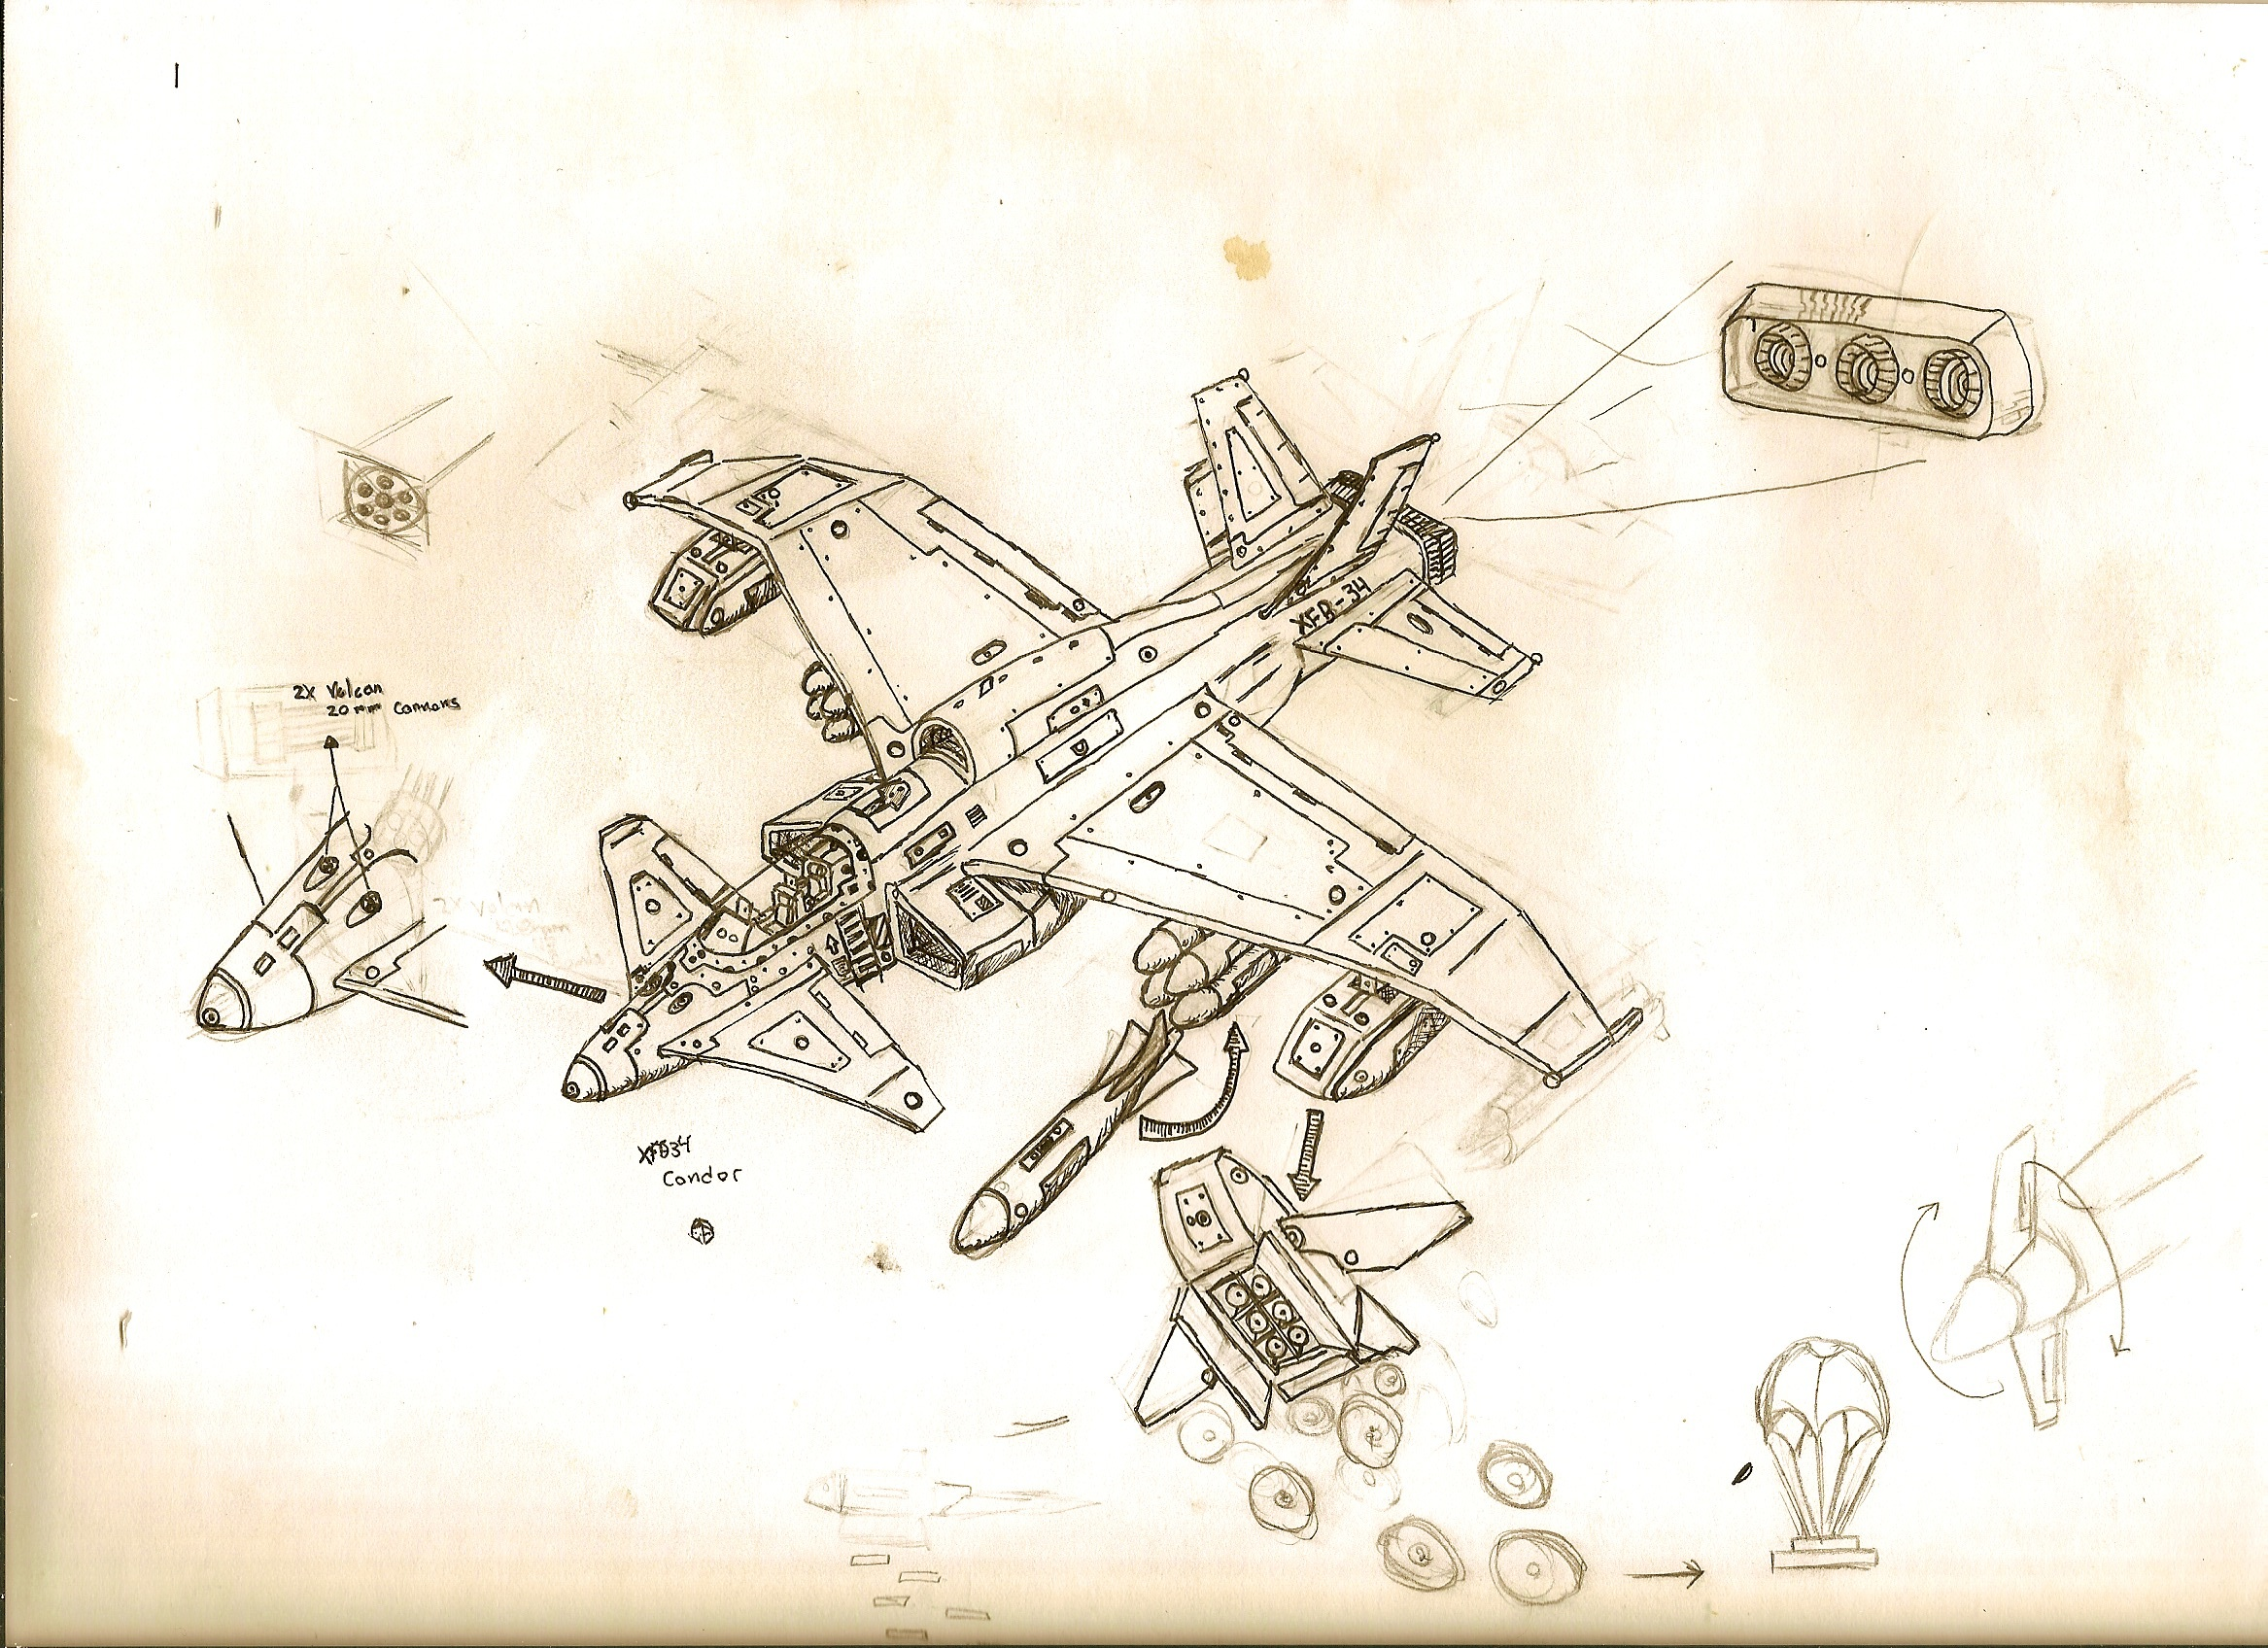 XFB-34 Condor